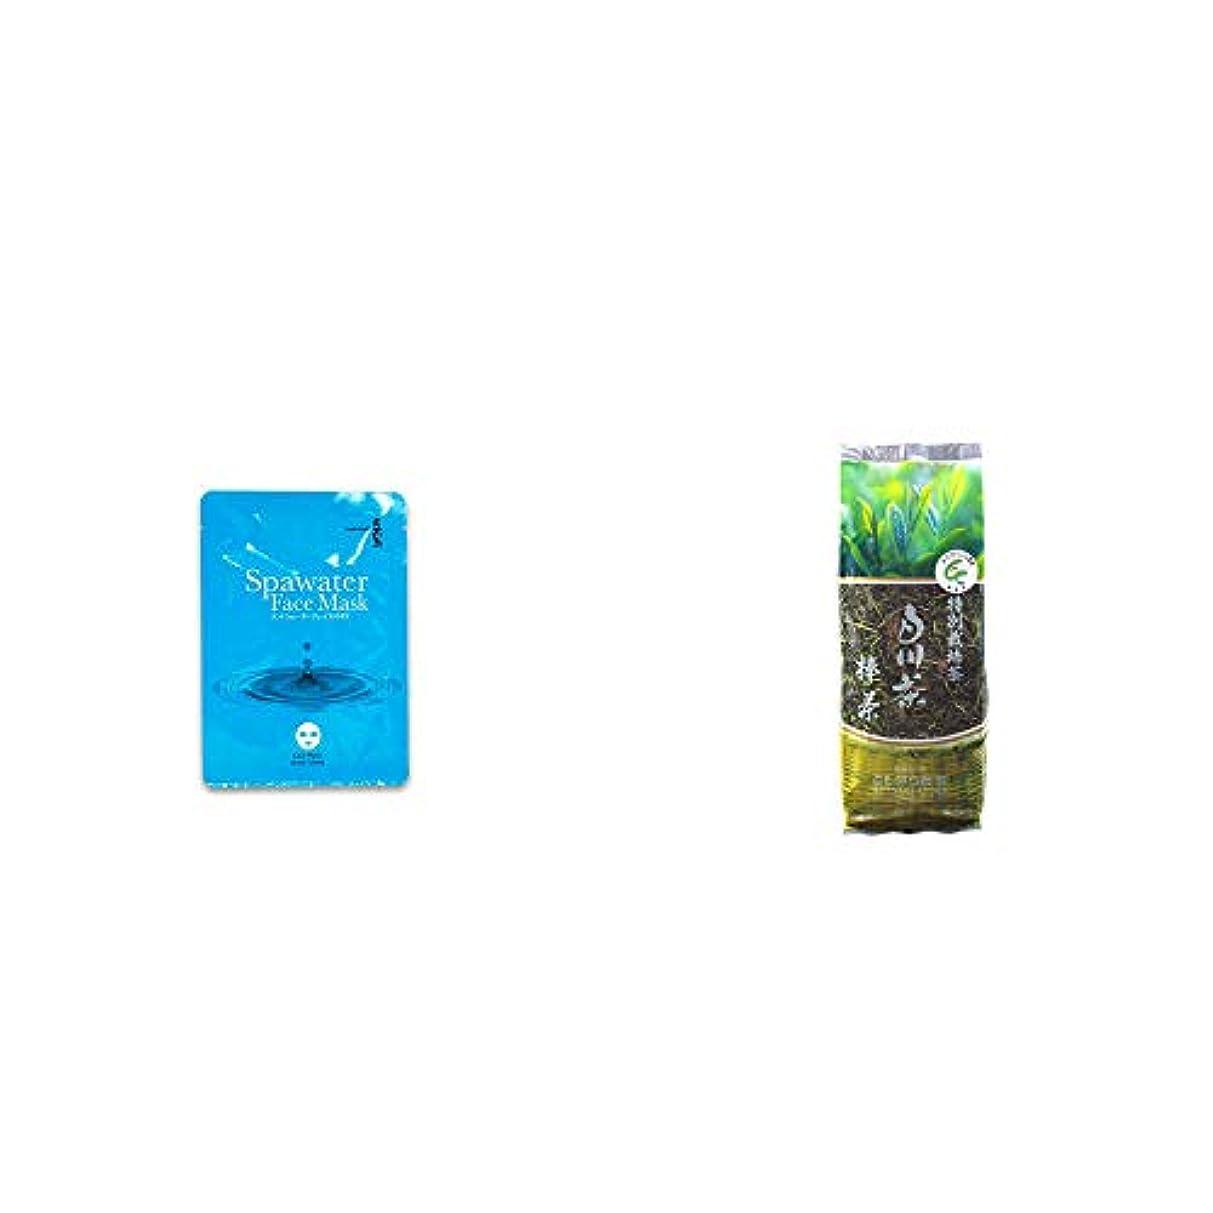 救い郵便物マンハッタン[2点セット] ひのき炭黒泉 スパウォーターフェイスマスク(18ml×3枚入)?白川茶 特別栽培茶【棒茶】(150g)